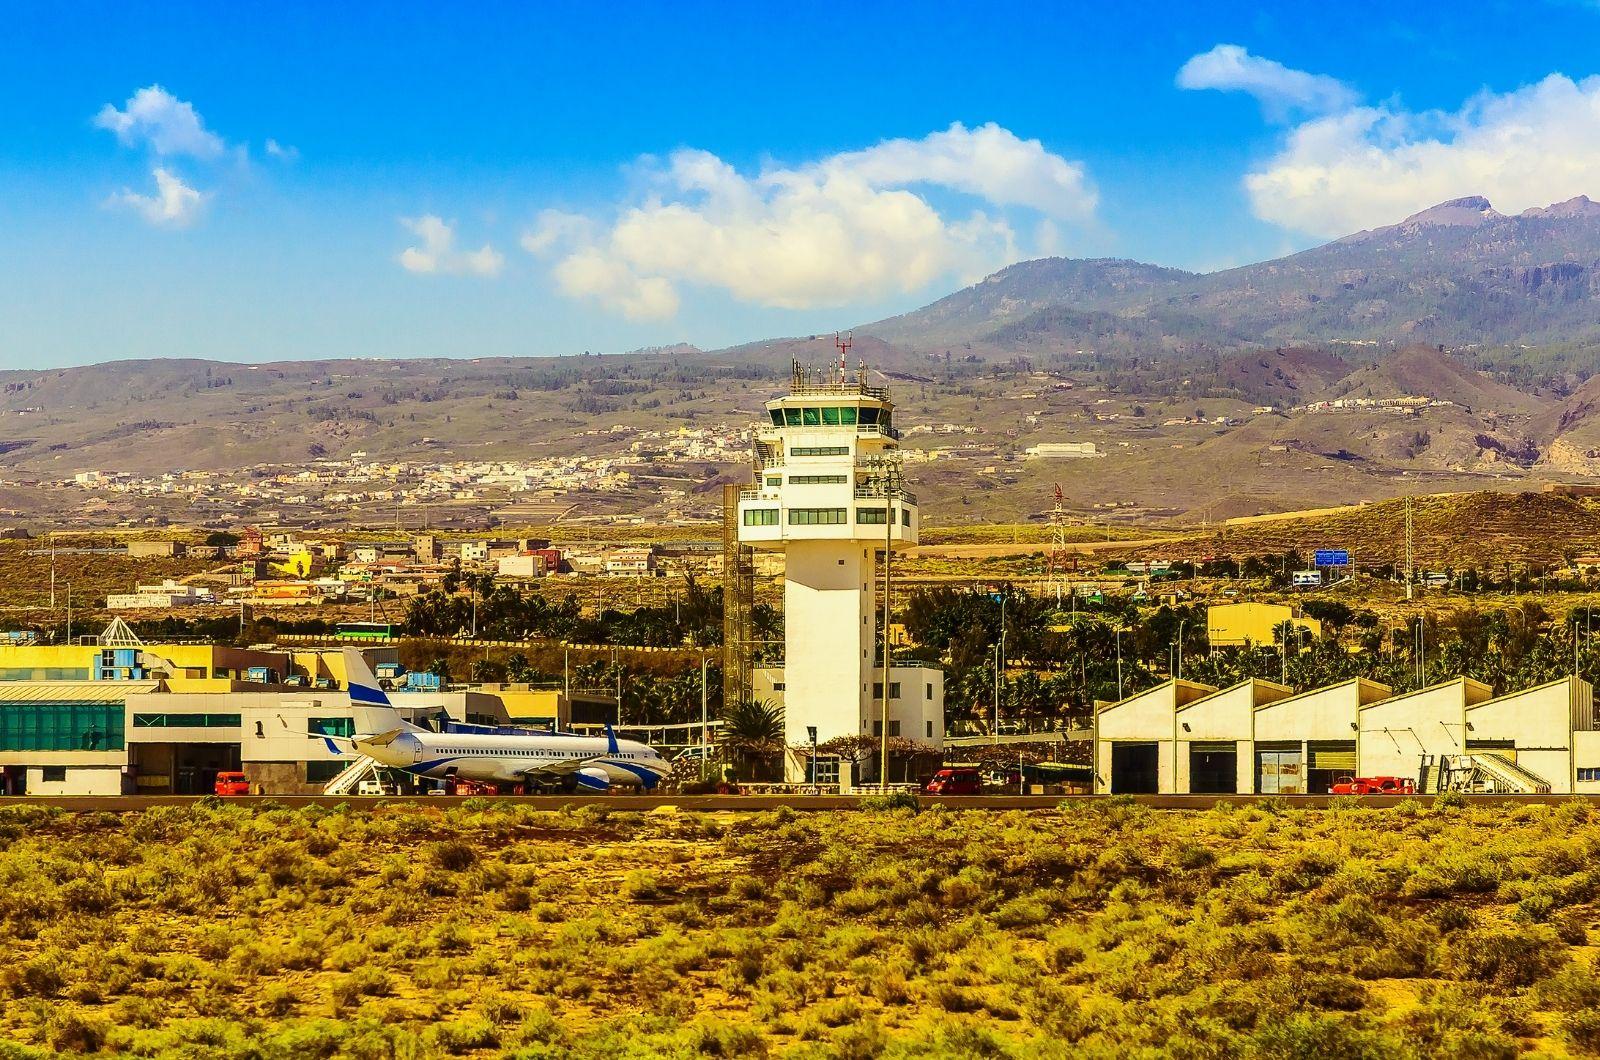 Letiště na Kanárských ostrovech